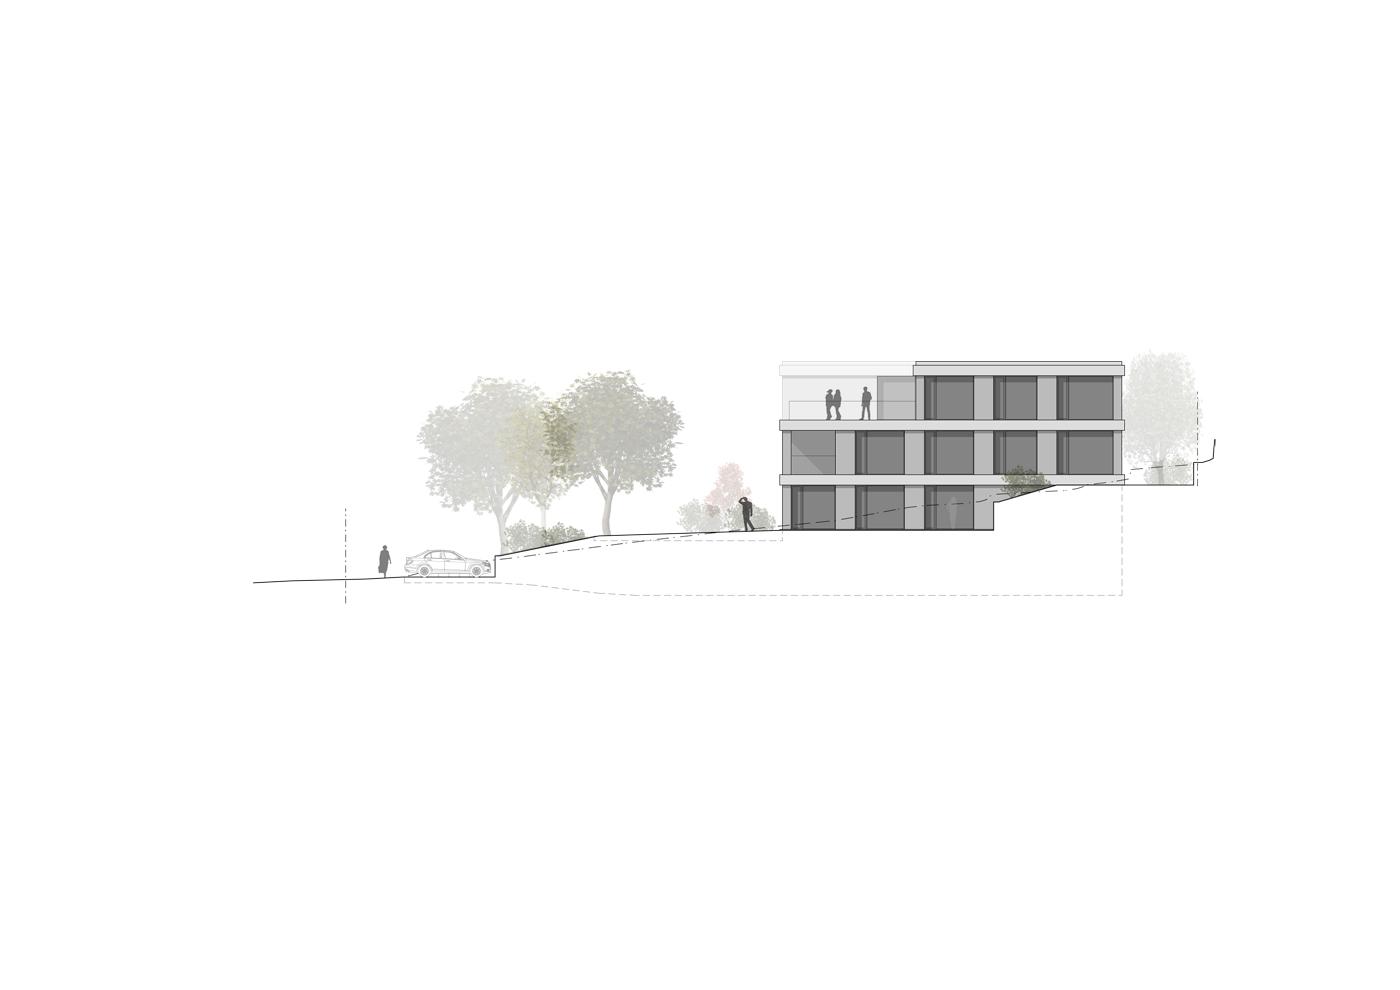 buan architekten – Wohnhaus Nelkenstrasse Emmen – Ansicht Nordost